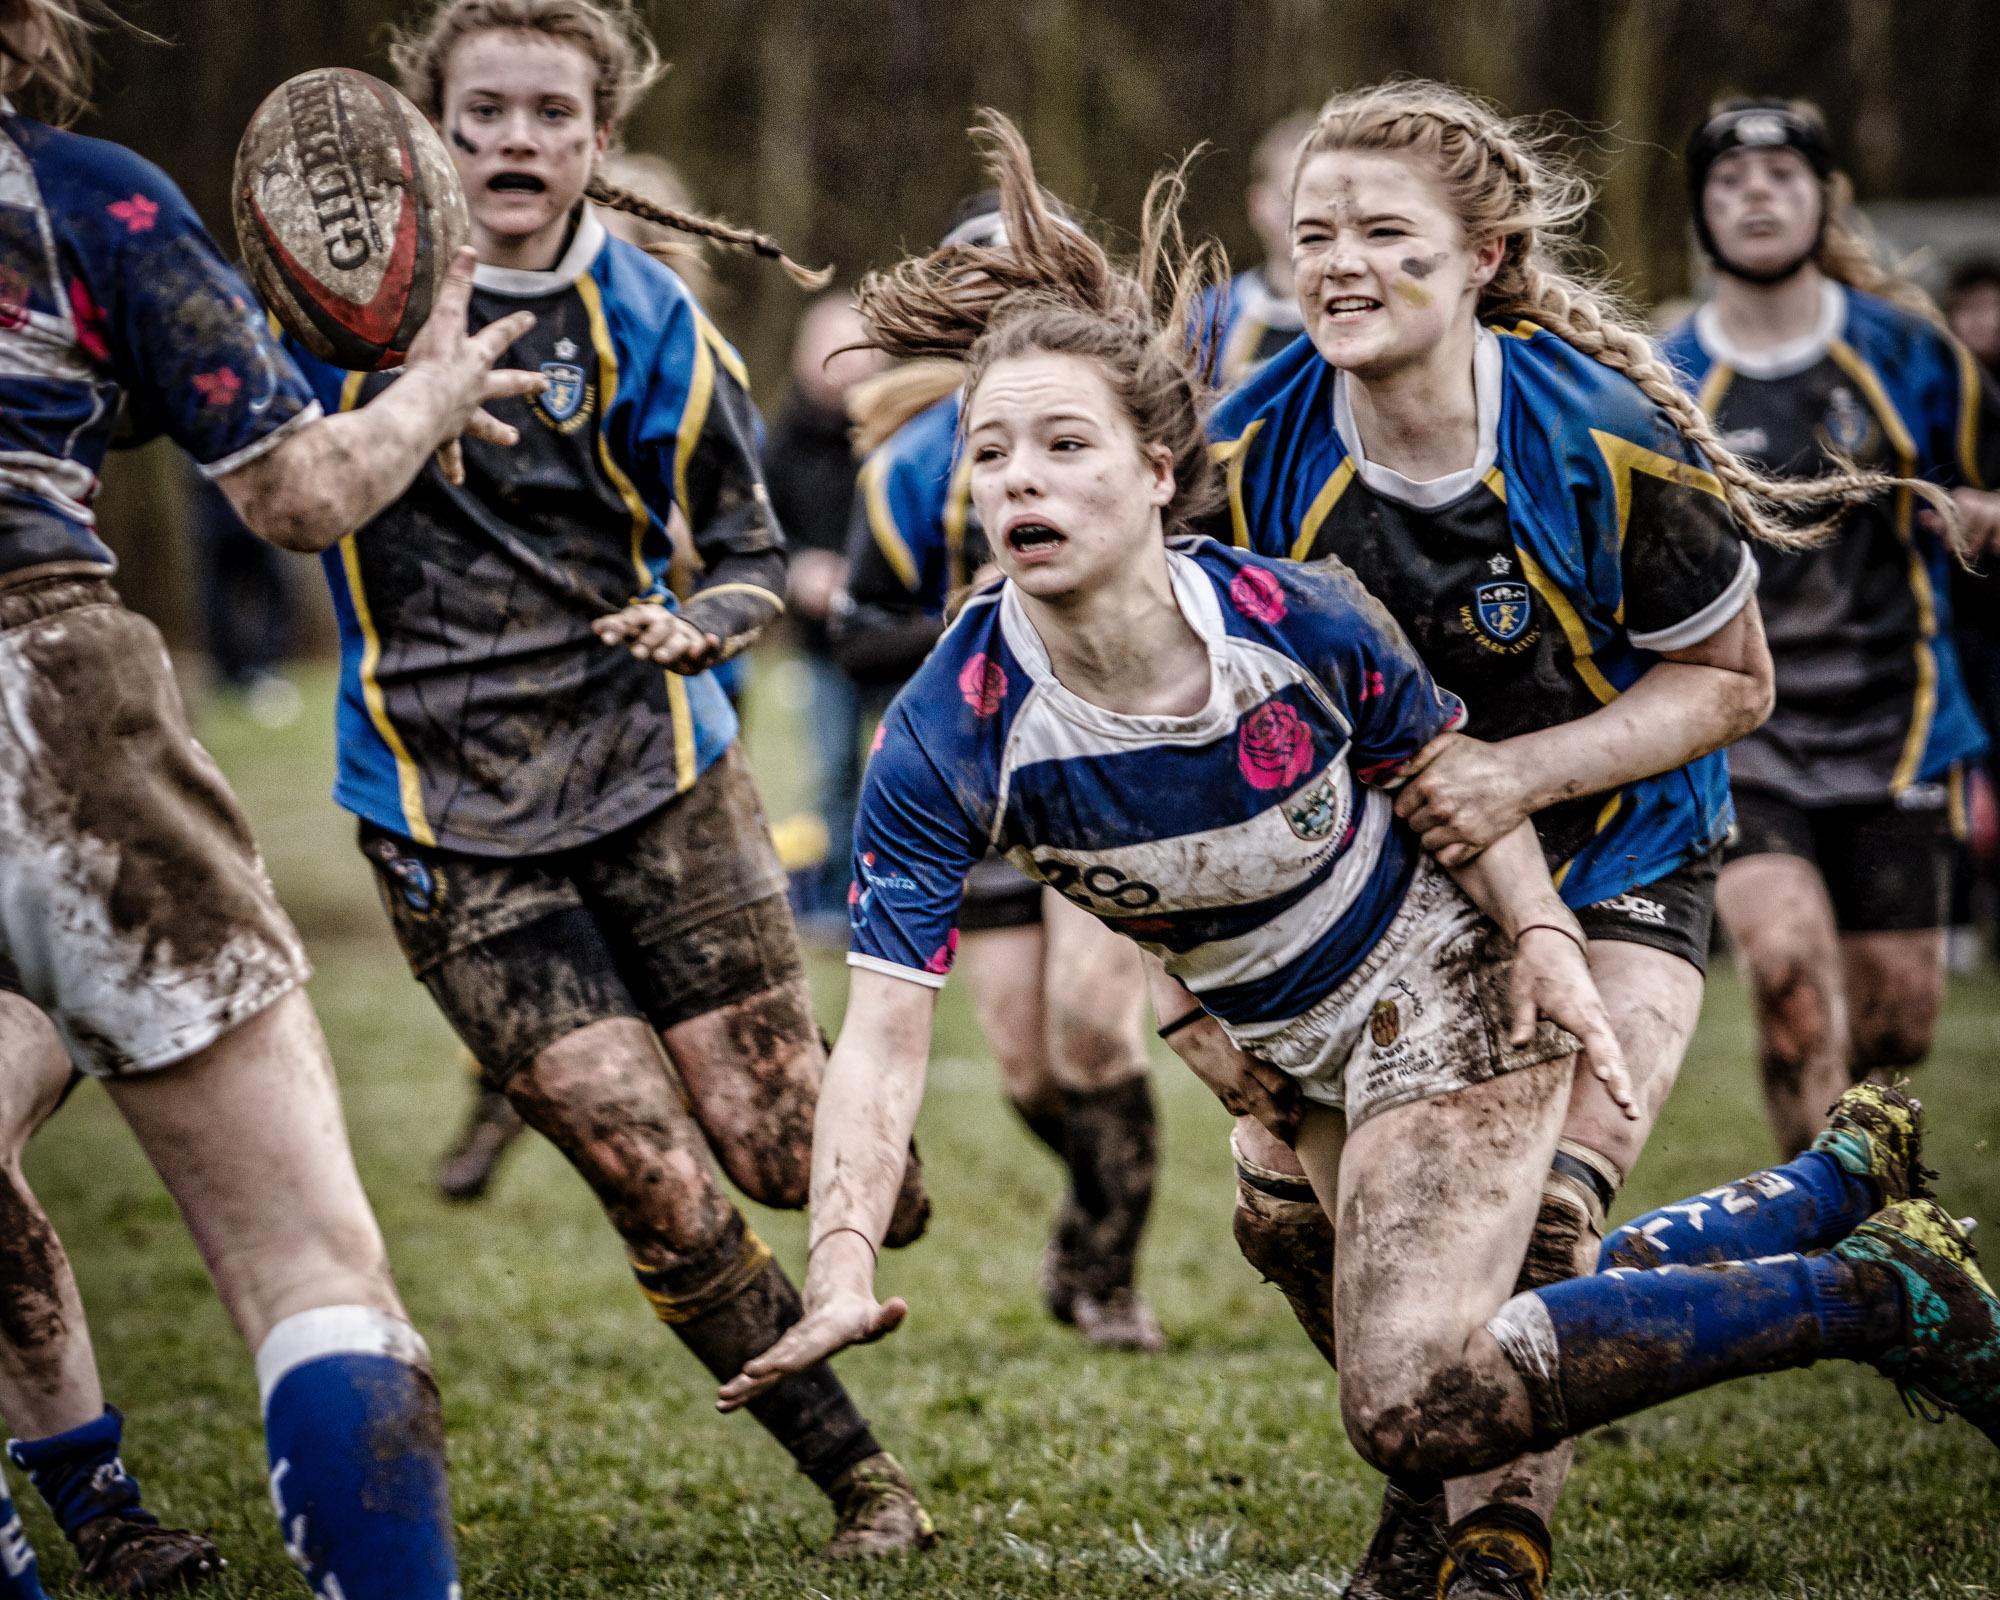 Tackle, West Park Leeds U15 Girls v Tynedale, Darlington